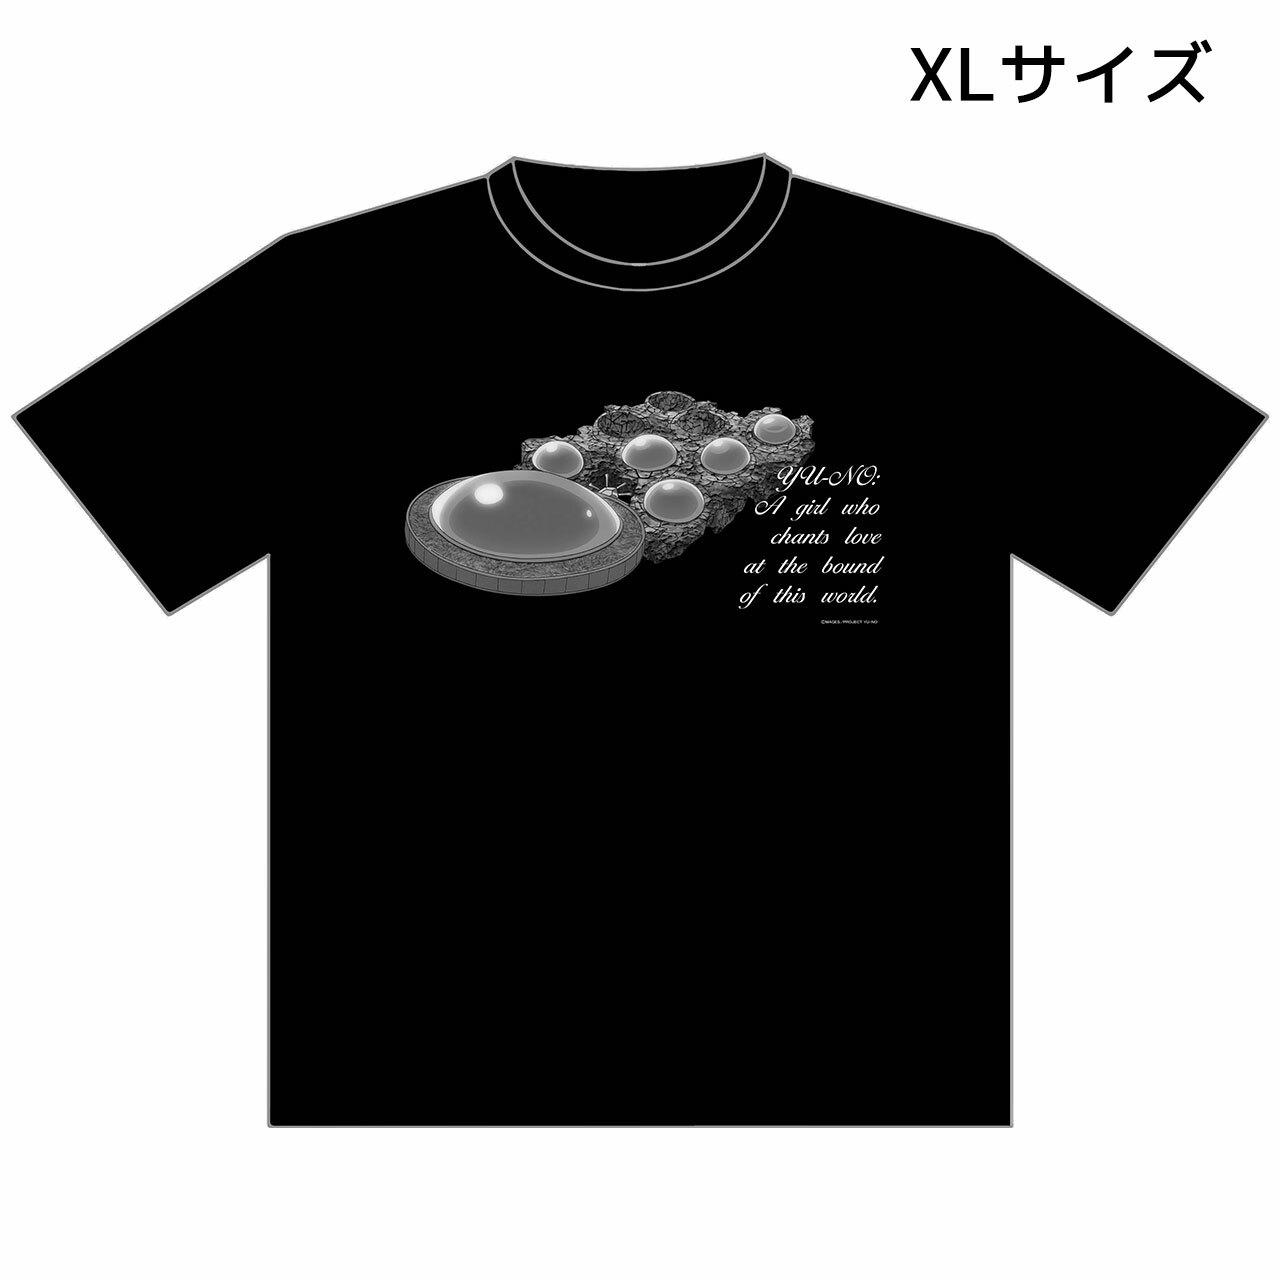 【4589839344432】この世の果てで恋を唄う少女YU-NO/Tシャツ/XLサイズ